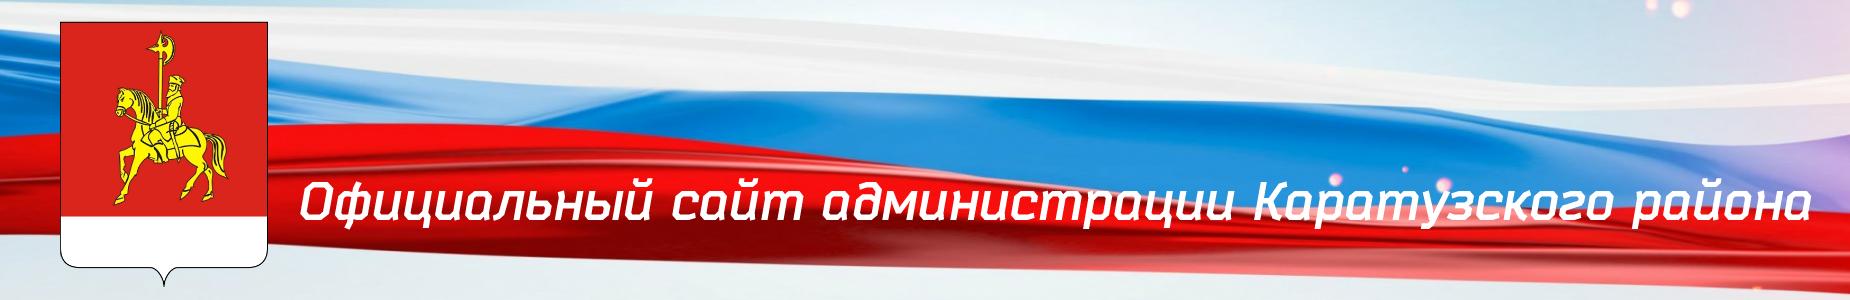 Официальный сайт администрации Каратузского района